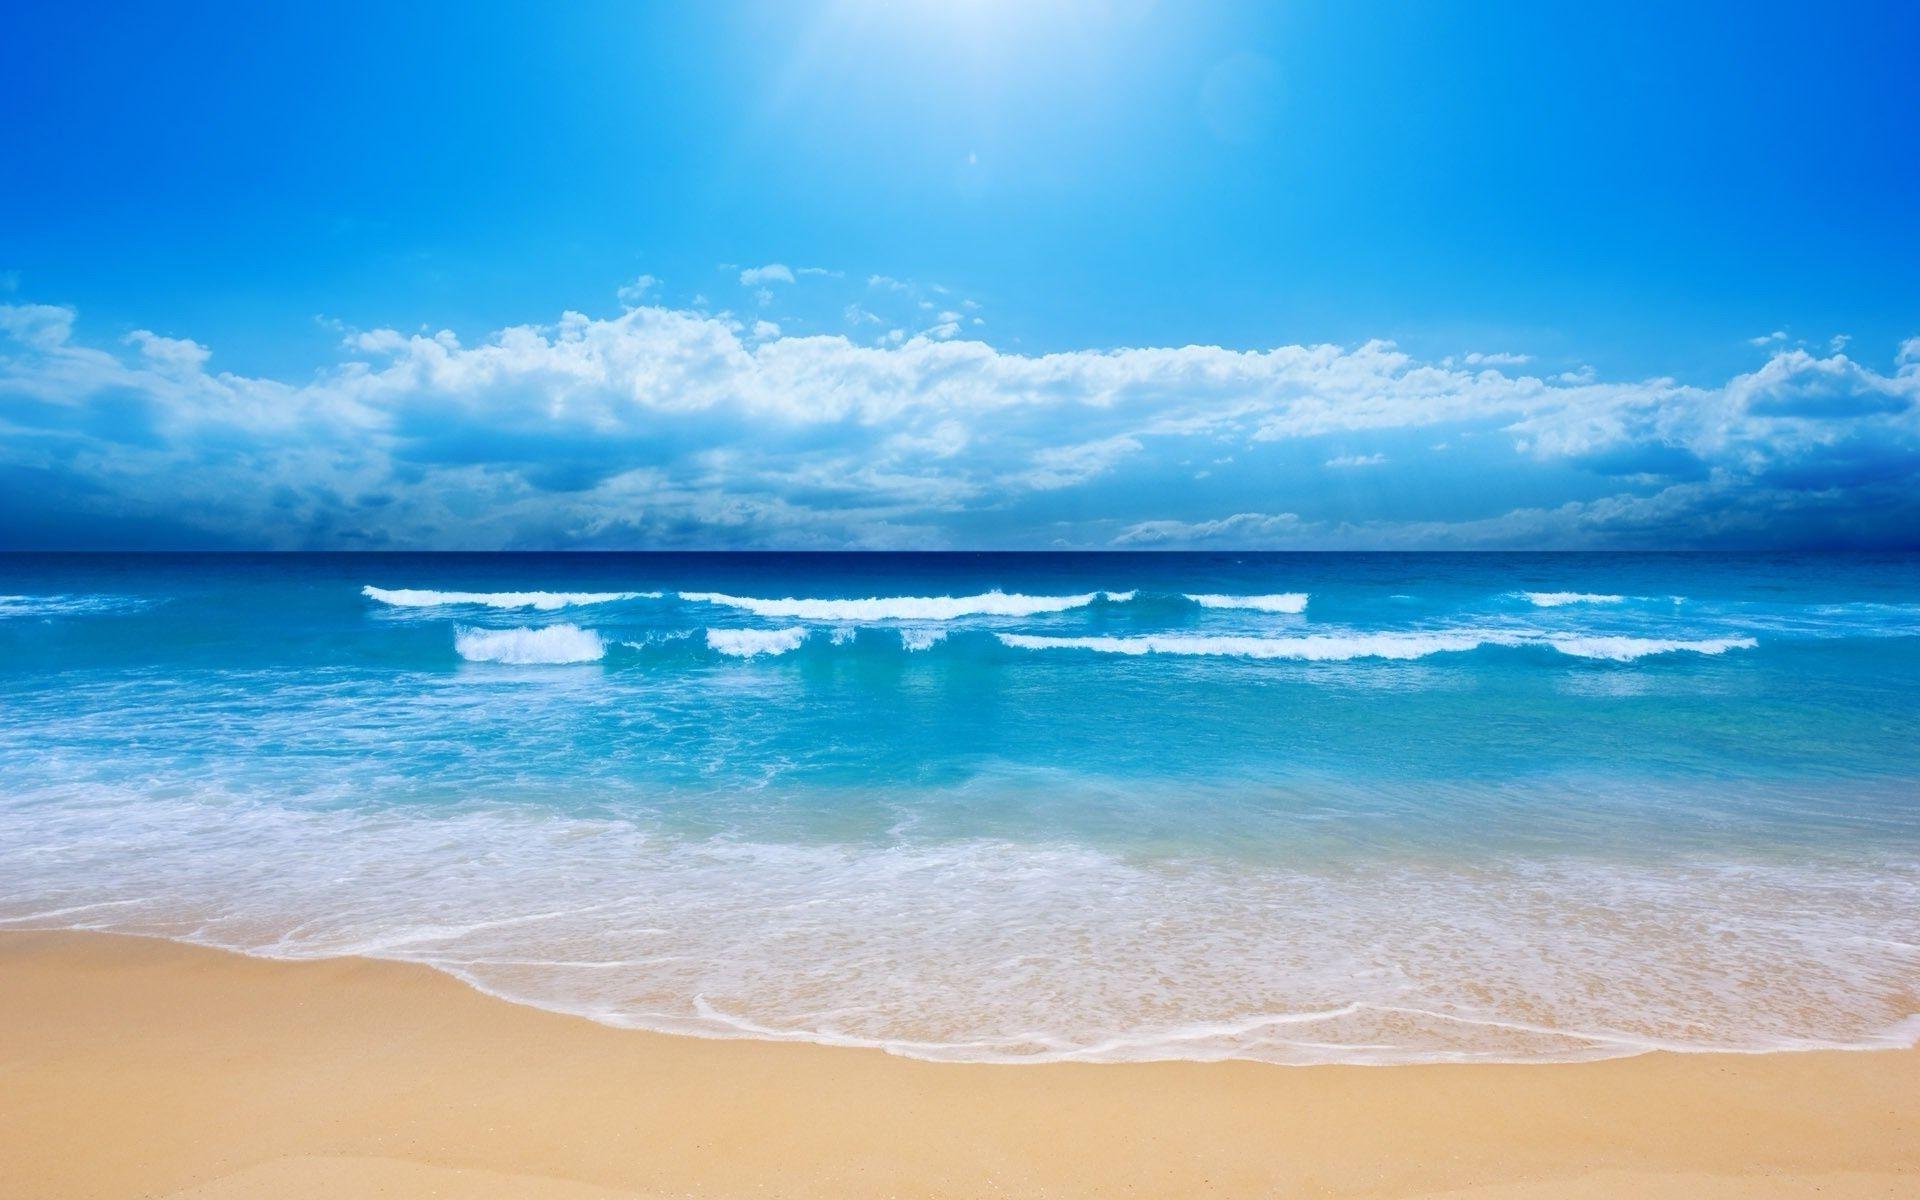 красивые фото моря в хорошем качестве подписчики обратили свой